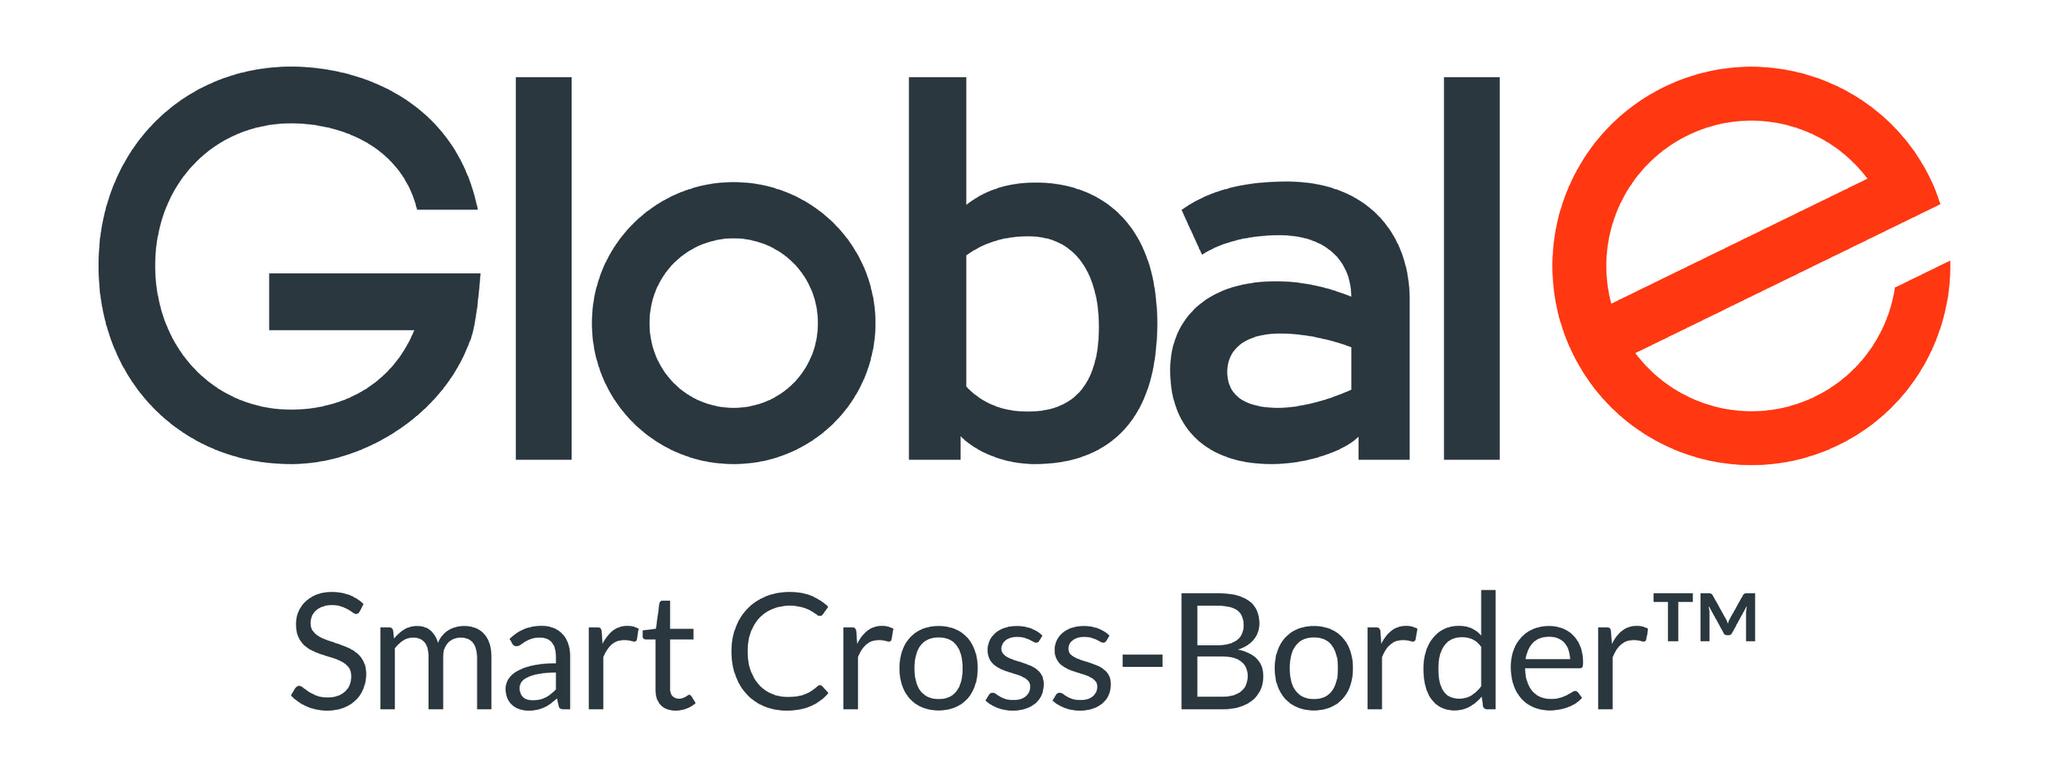 Cross Border Track Sponsor